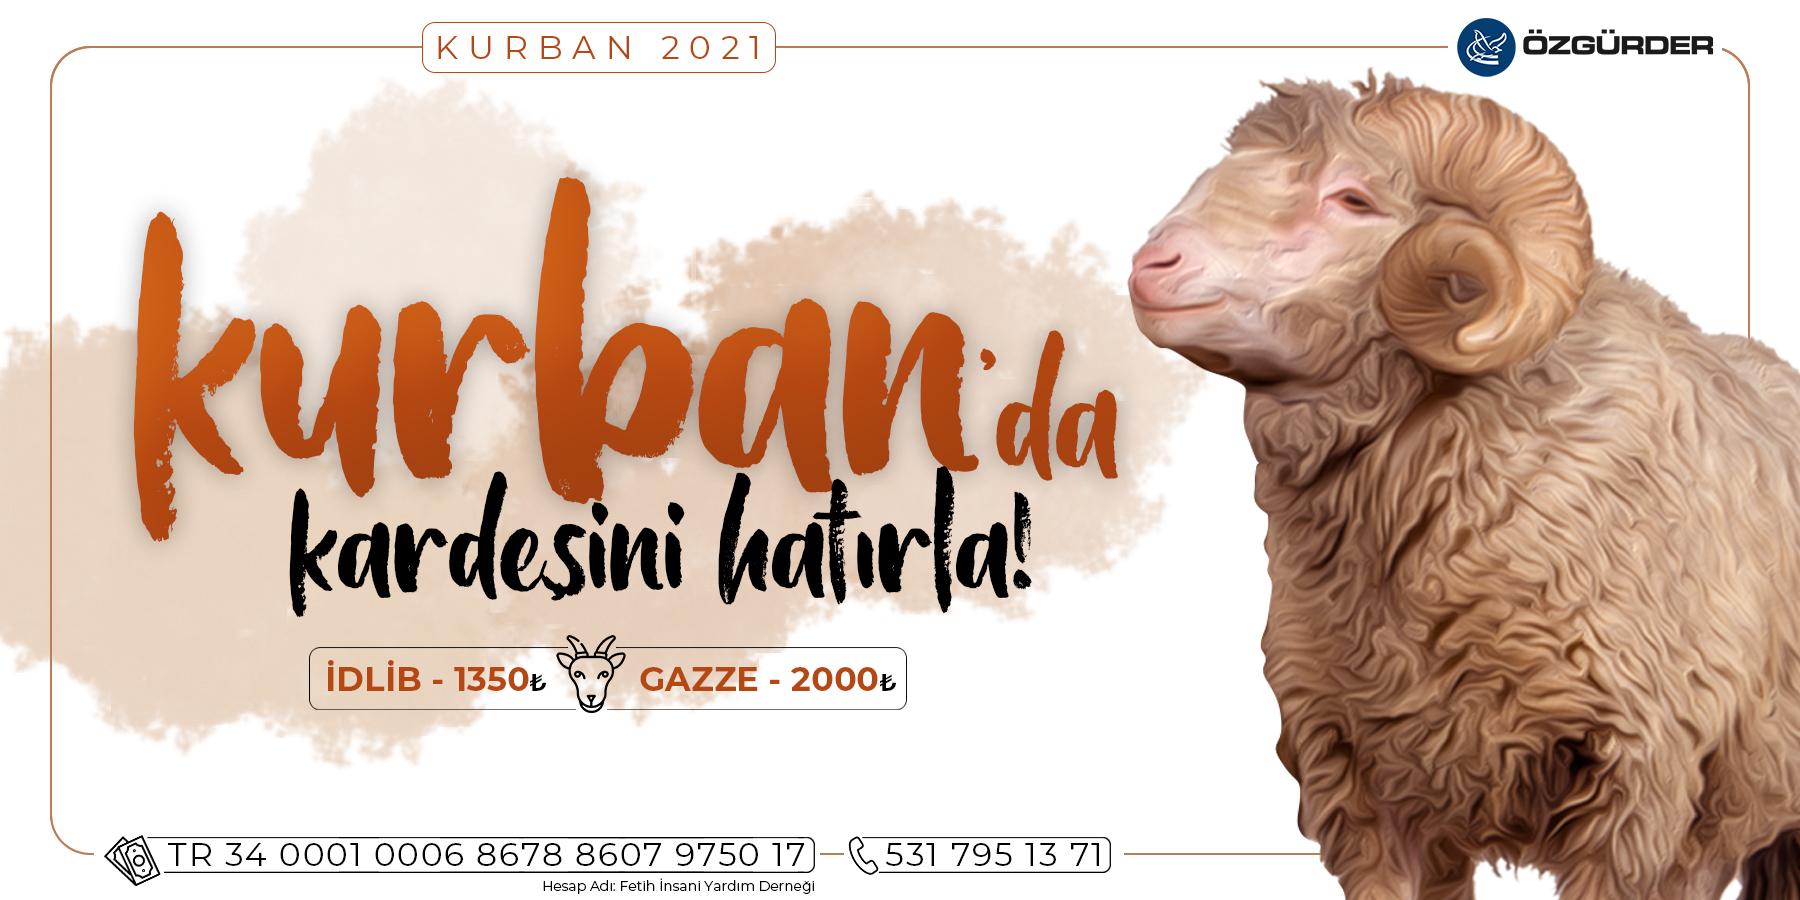 kurbann-001.jpg